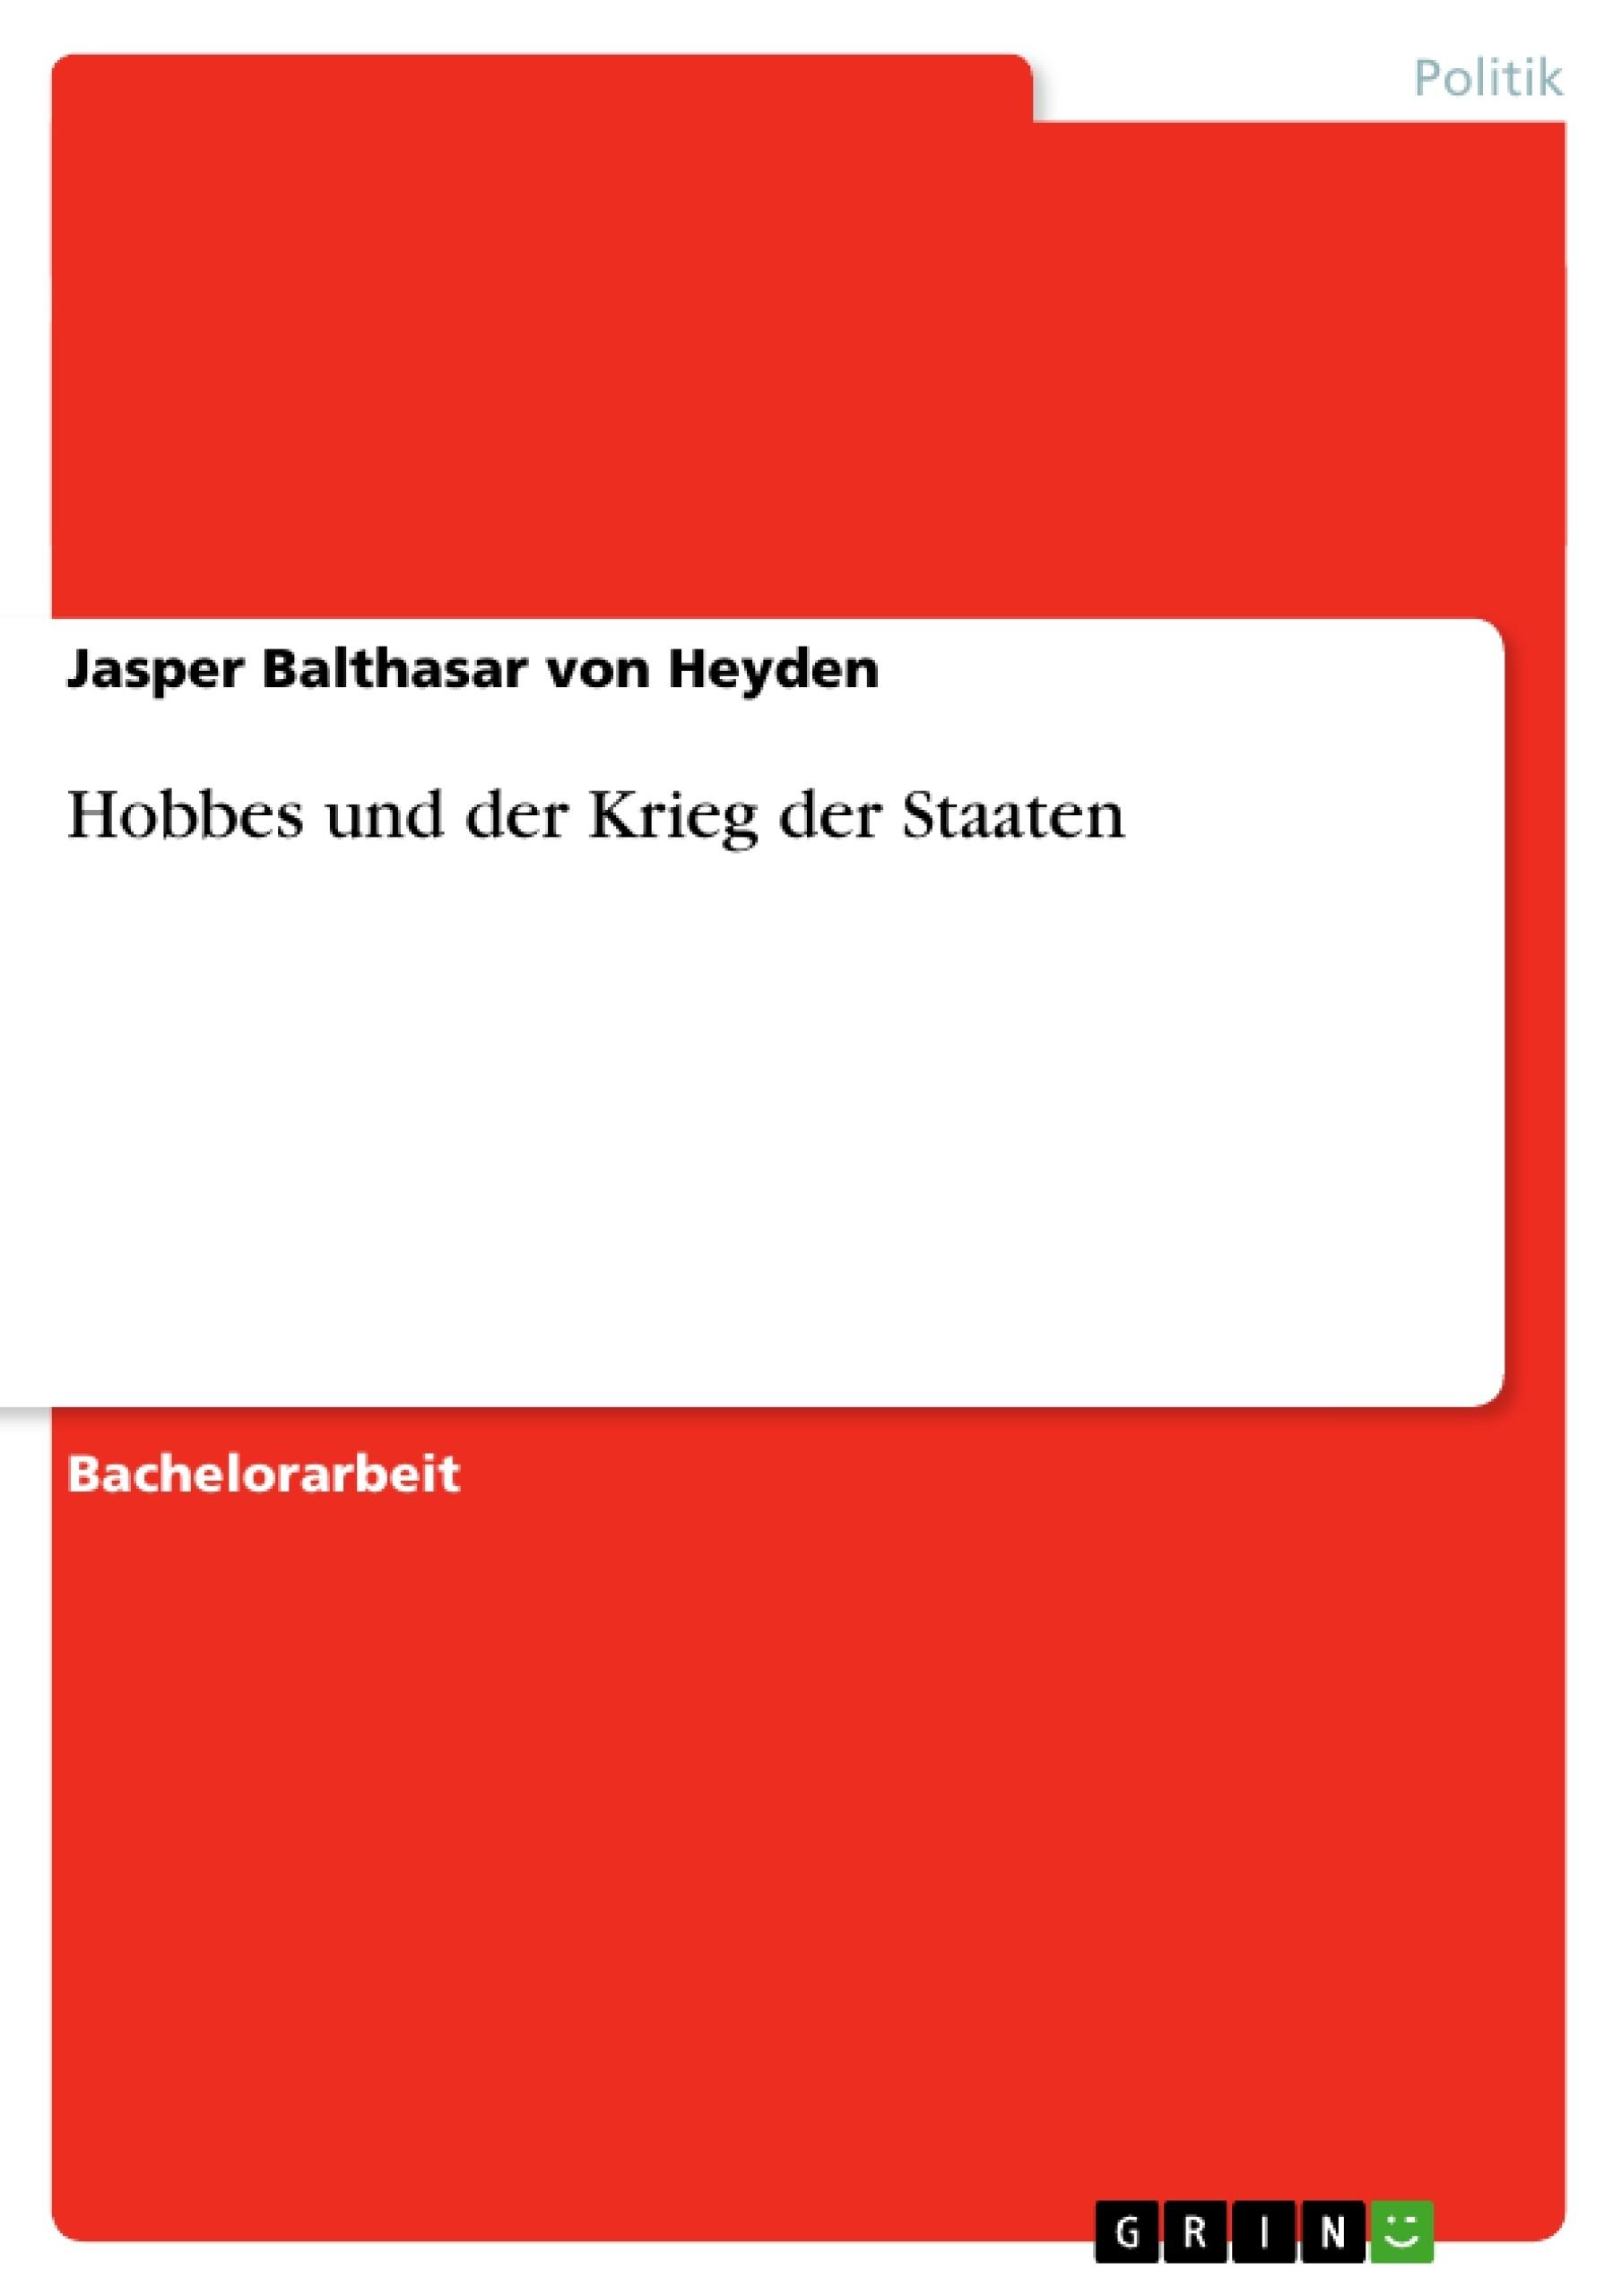 Titel: Hobbes und der Krieg der Staaten